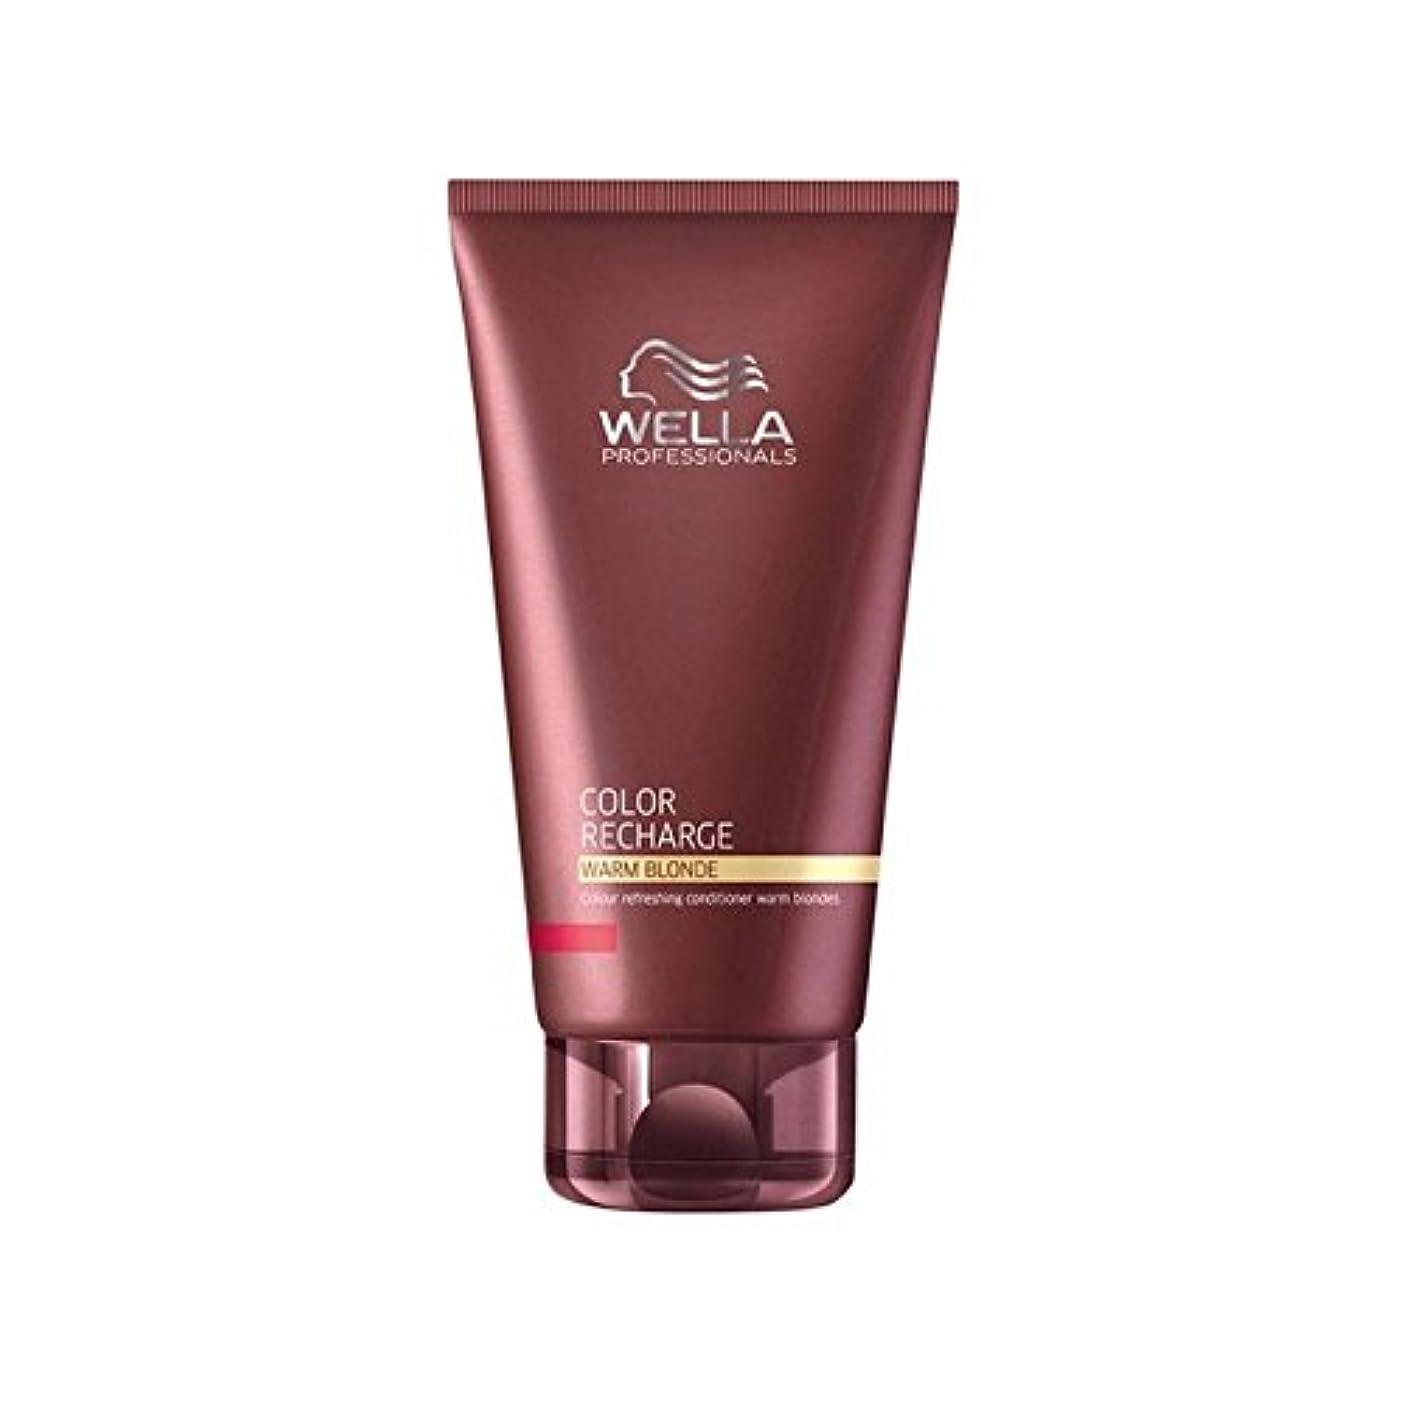 蒸留掻く馬力Wella Professionals Color Recharge Conditioner Warm Blonde (200ml) (Pack of 6) - ウエラ専門家のカラー再充電コンディショナー暖かいブロンド(200ミリリットル) x6 [並行輸入品]